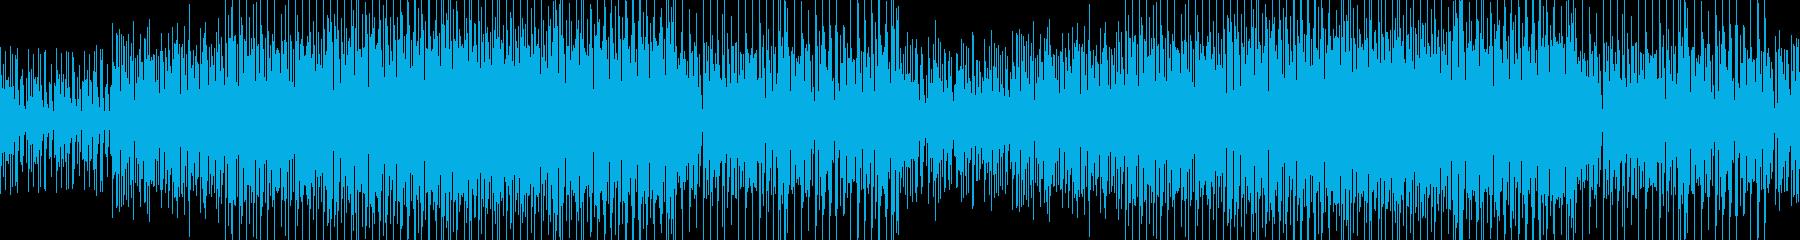 踊りたくなるファンク ループの再生済みの波形